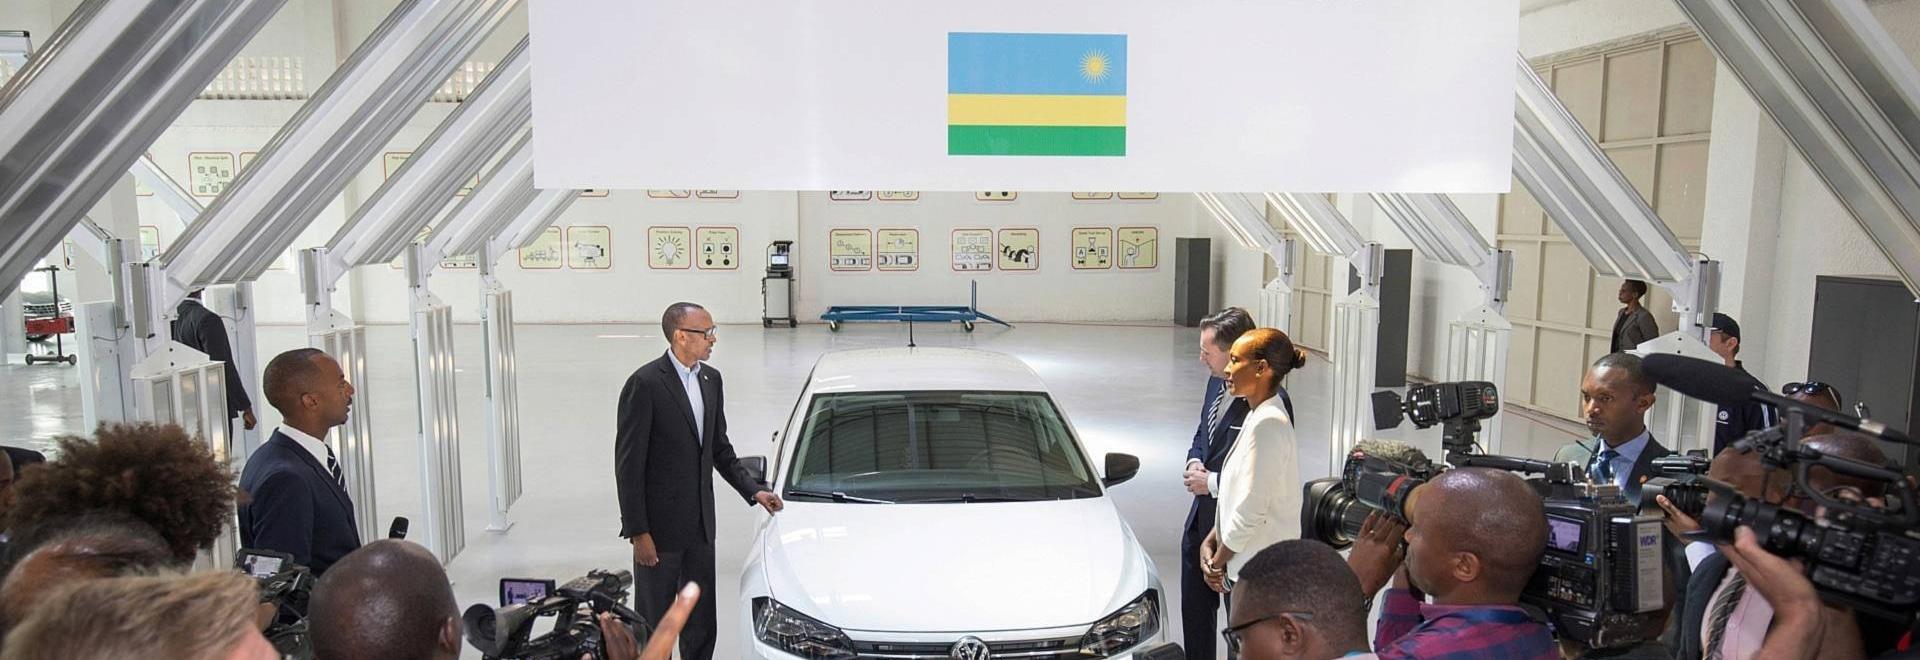 VW stellt Versammlung in Kigali an